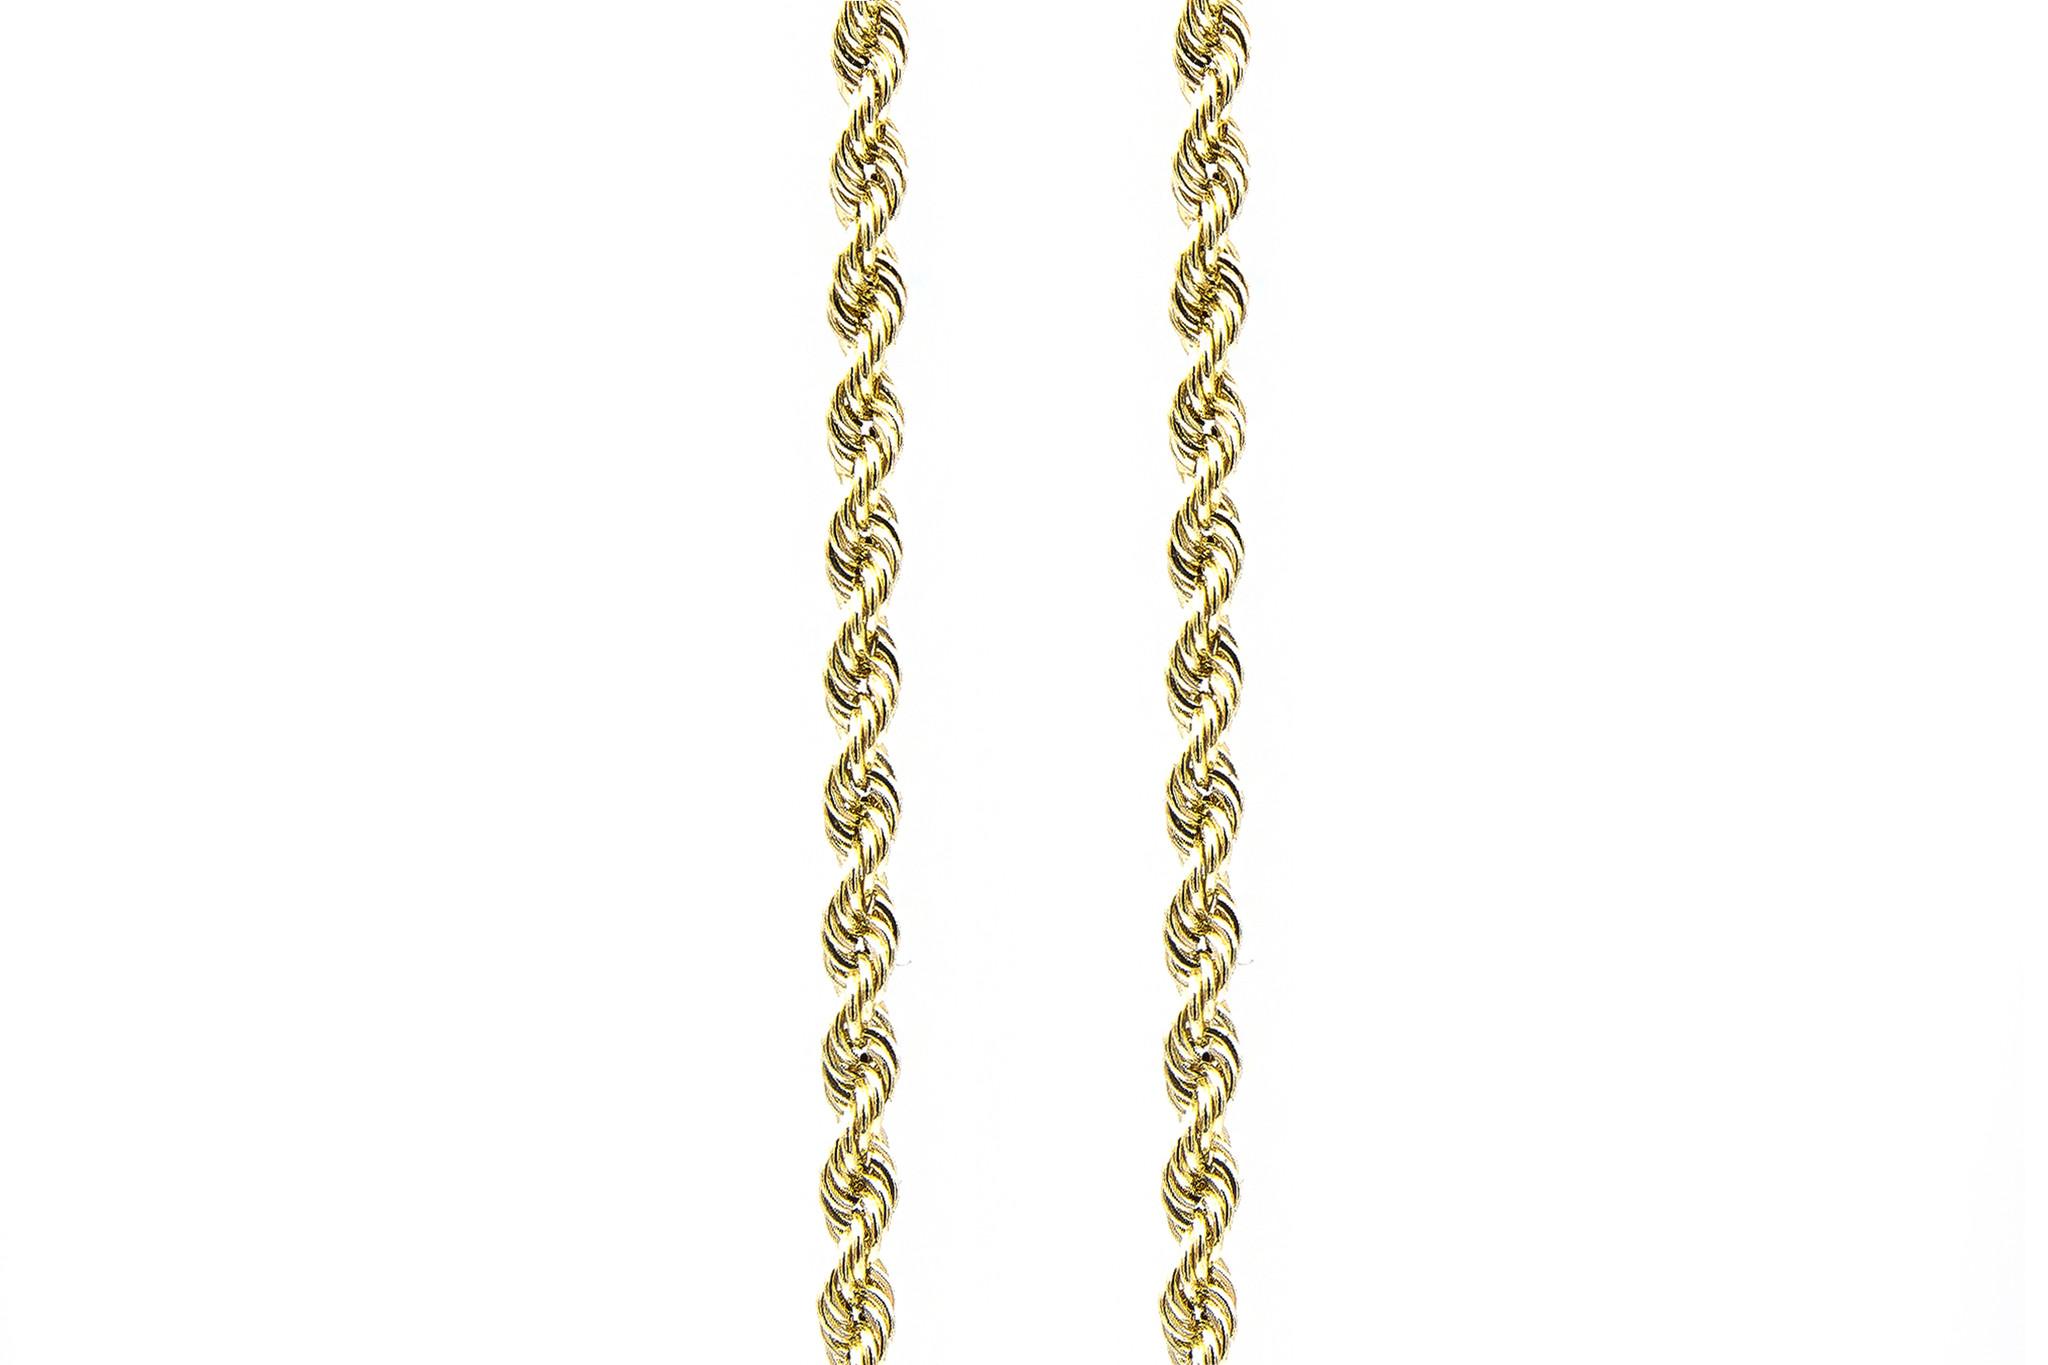 Rope chain Nederlands goud 14kt 8 mm-5